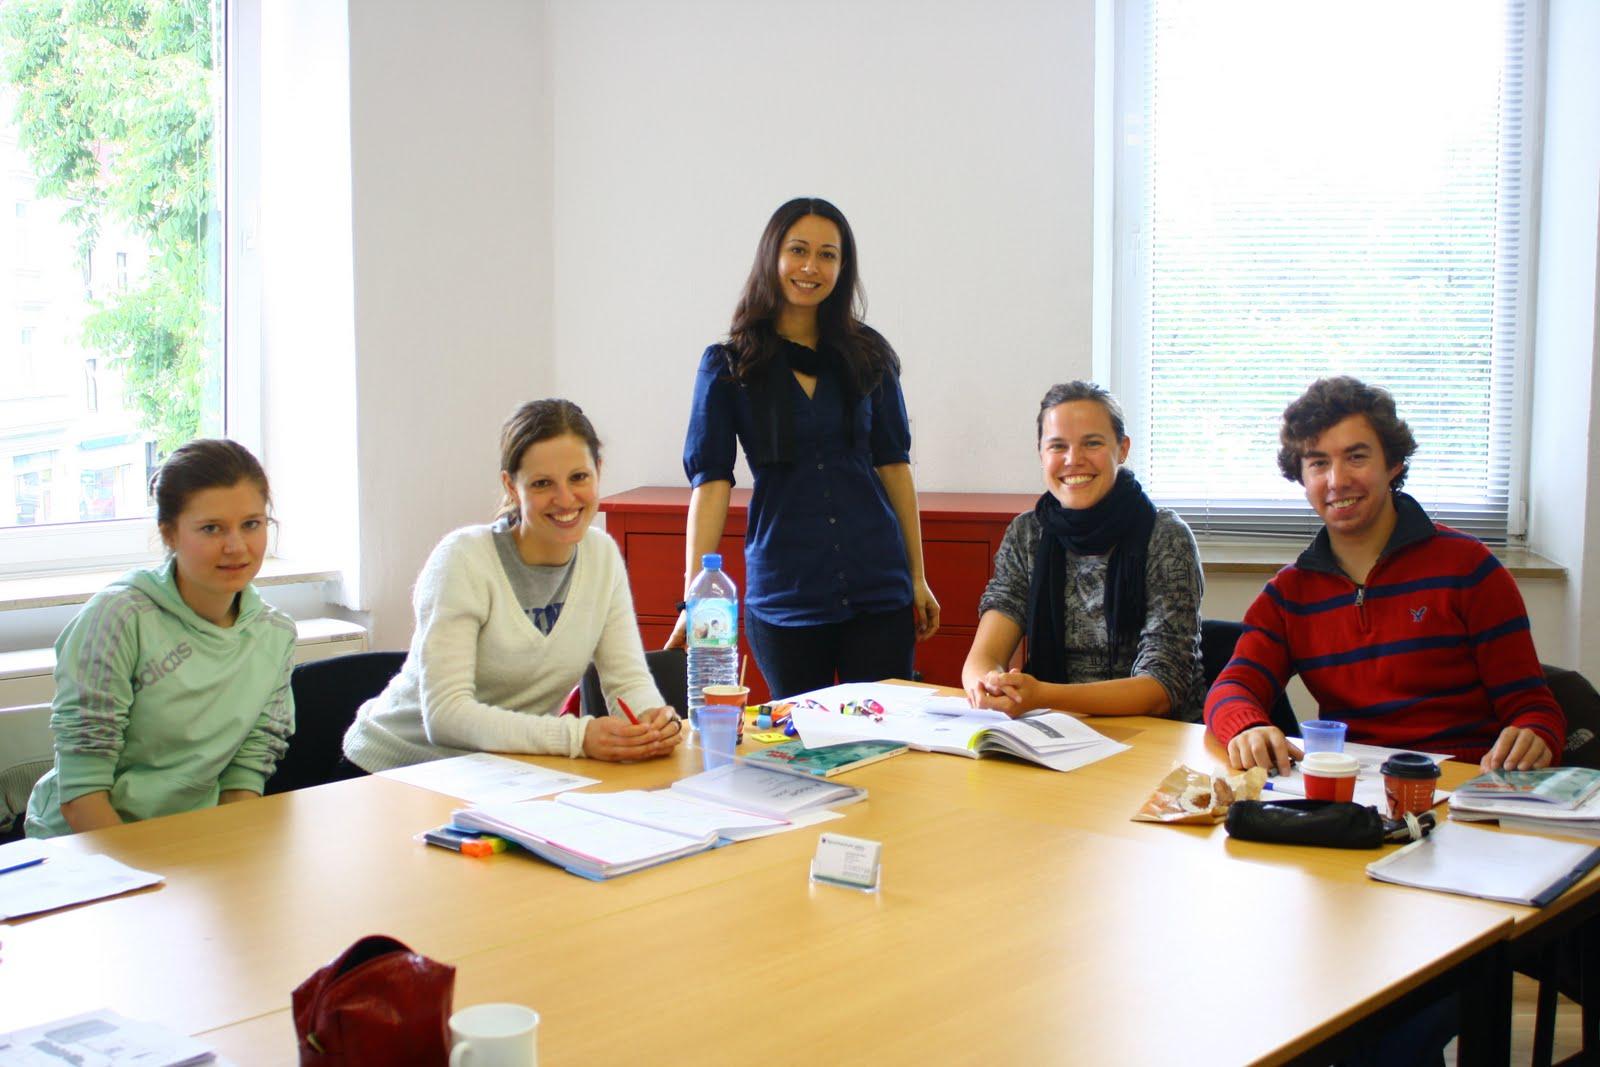 Estnisch lernen in Nürnberg - Estnisch Sprachschule